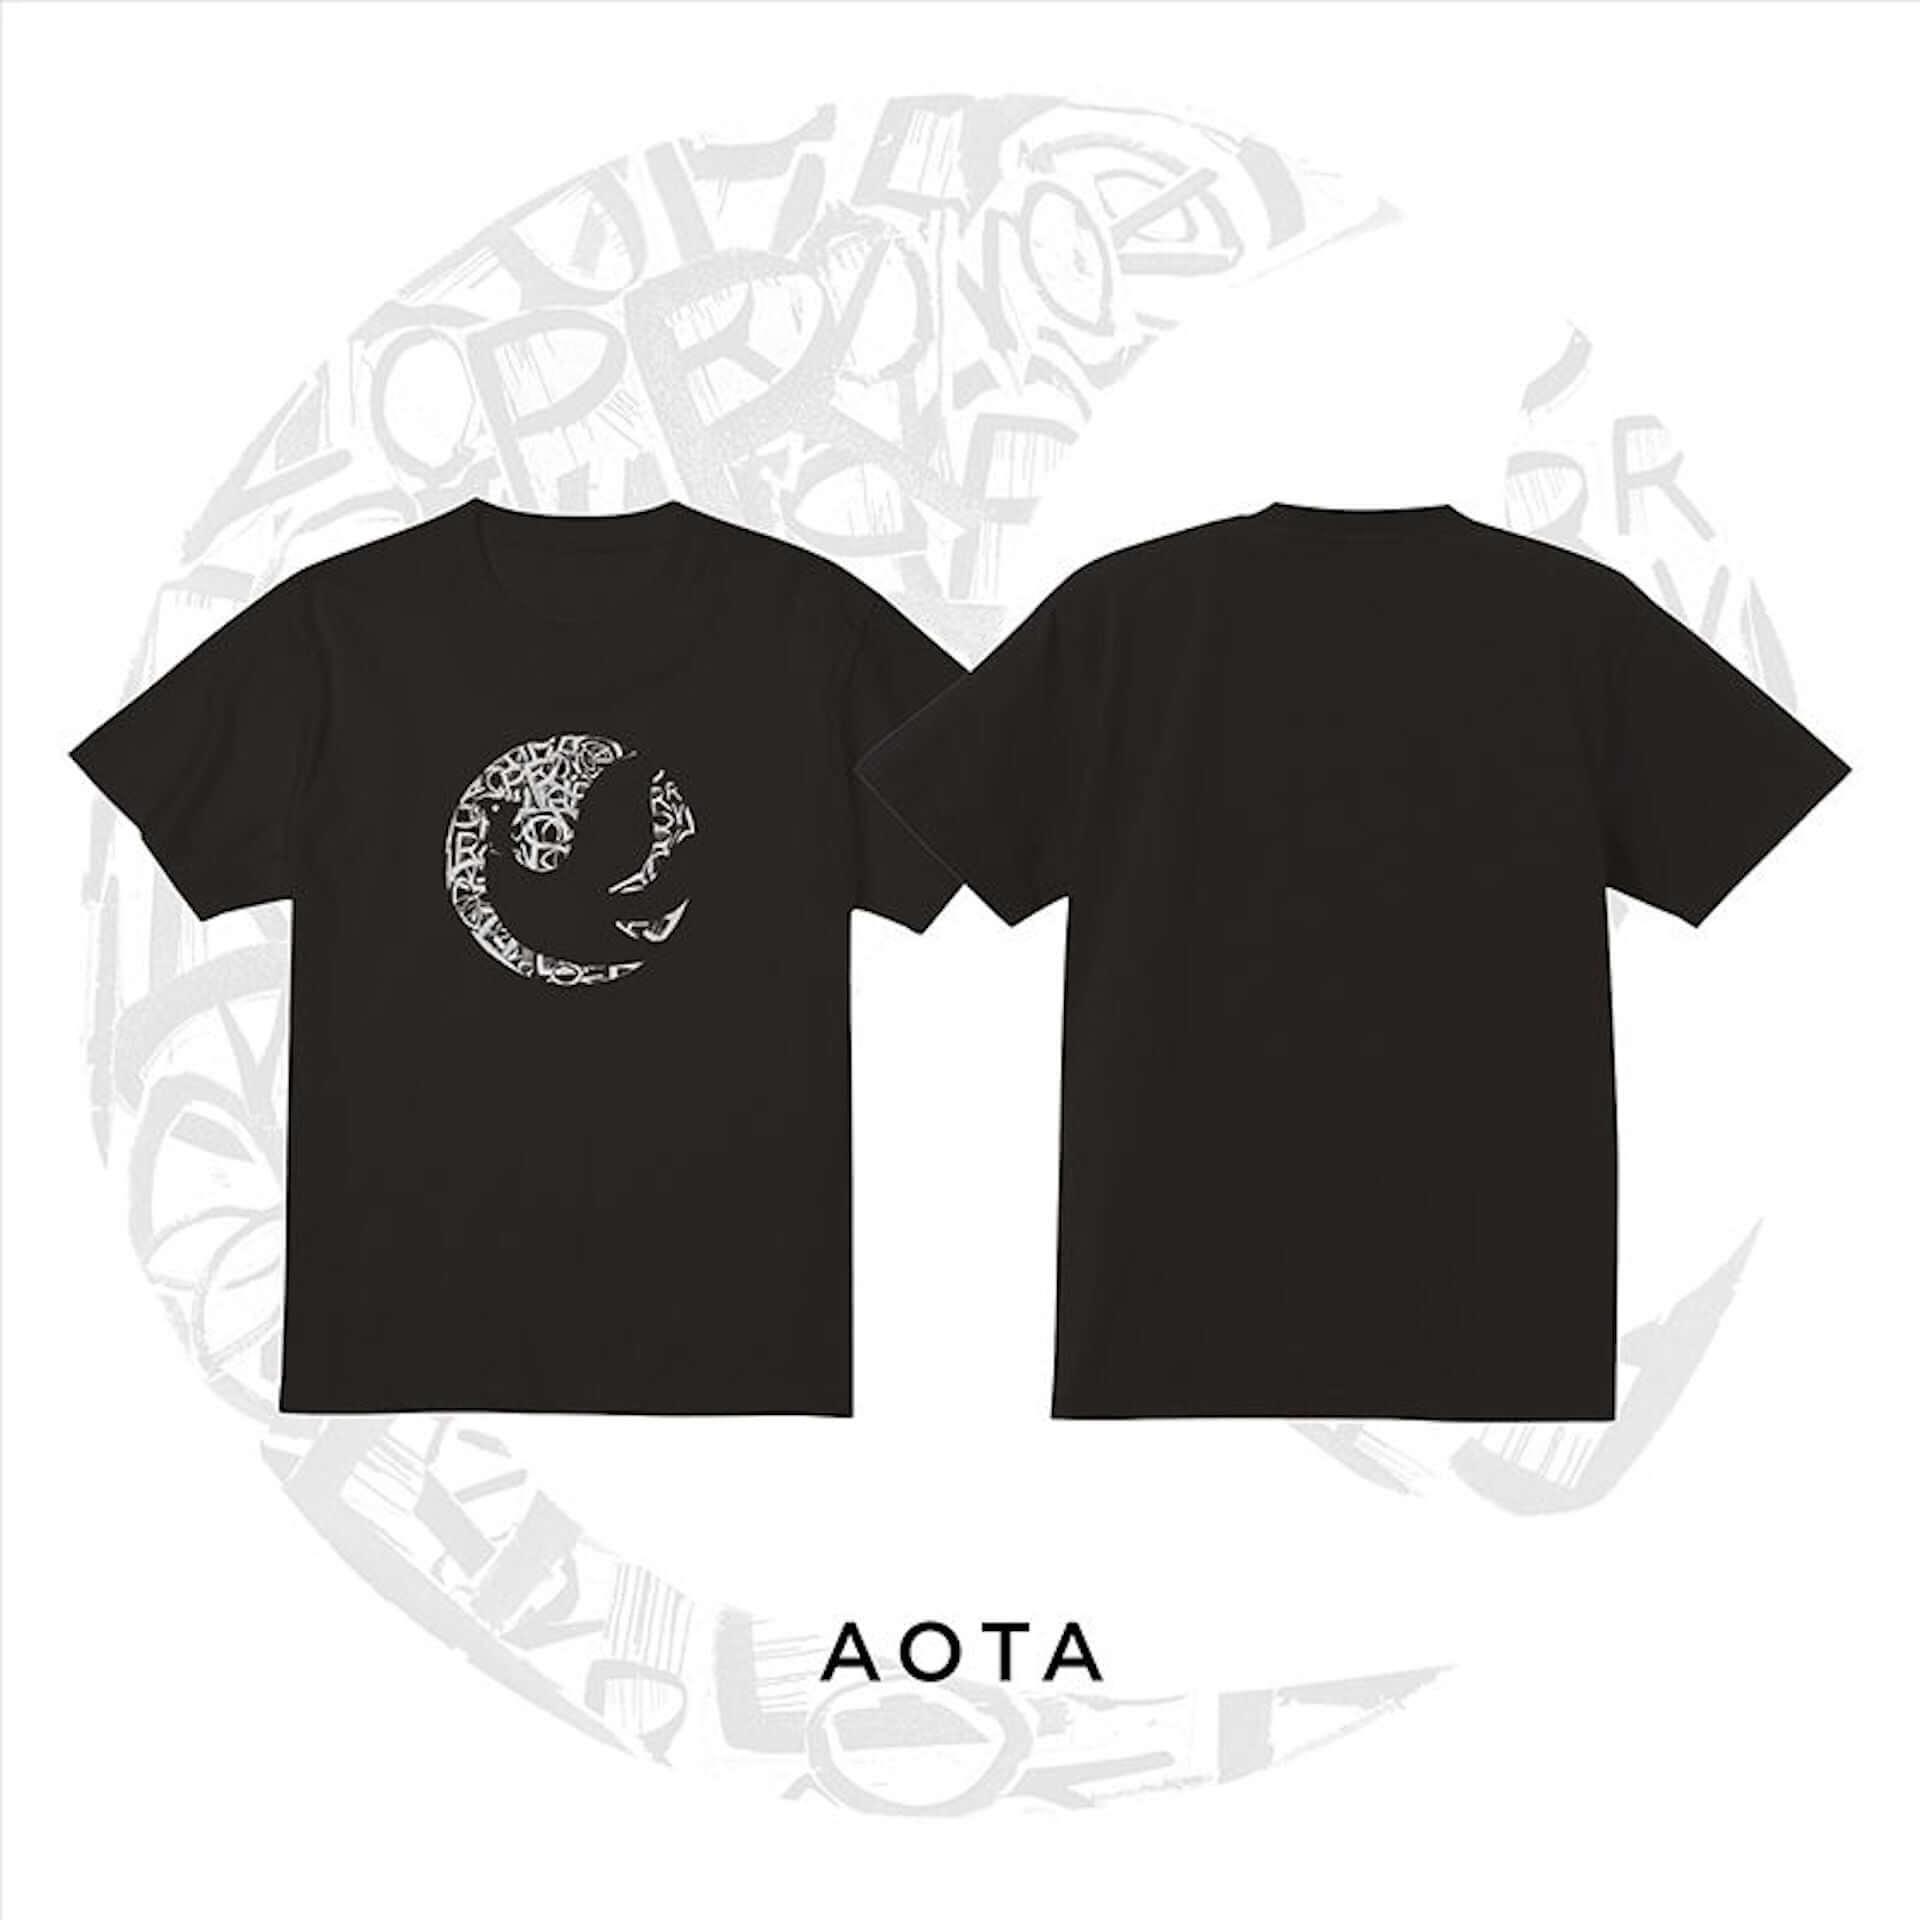 札幌の重要ベニュー・PROVOから新たなデザインTシャツがリリース|YOSHIROTTEN、KURiOら5名が参加 music200610_sapporo_provo_1-1920x1920